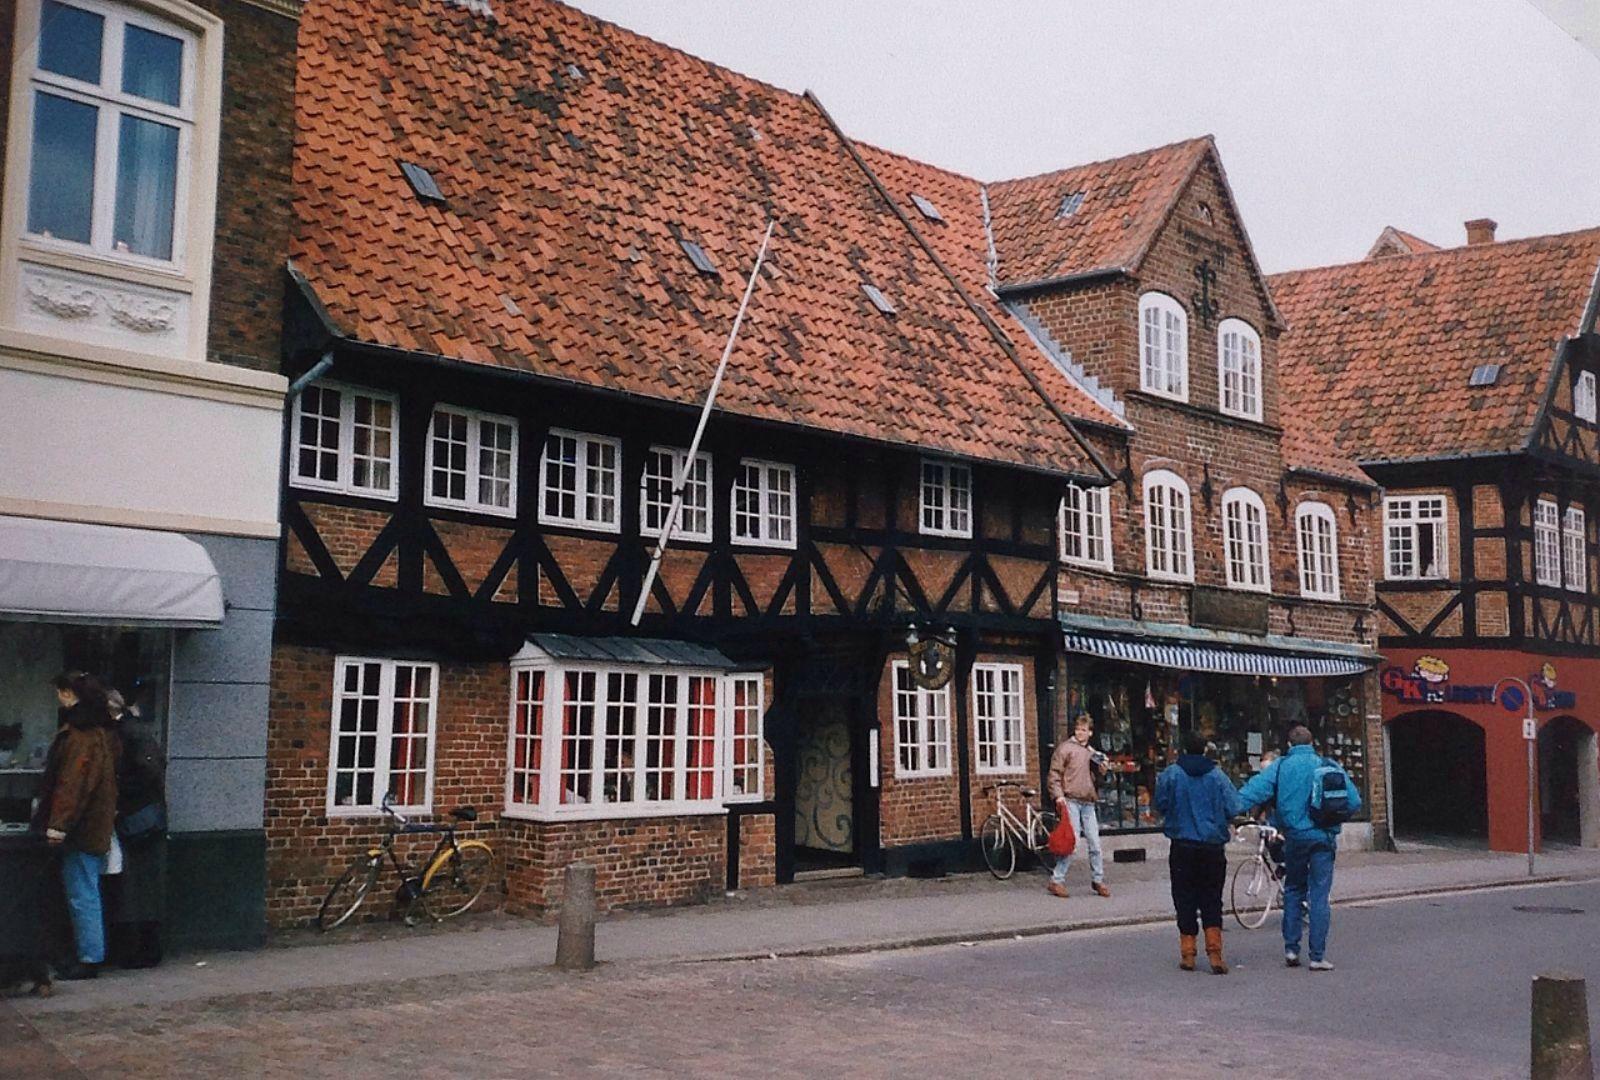 Ribe is het oudste stadje van Denemarken. Met een mooie kathedraal en prachtige vakwerkhuizen en trapgeveltjes. Ook het nabijgelegen Tønder is het bezoeken waard. (1988)